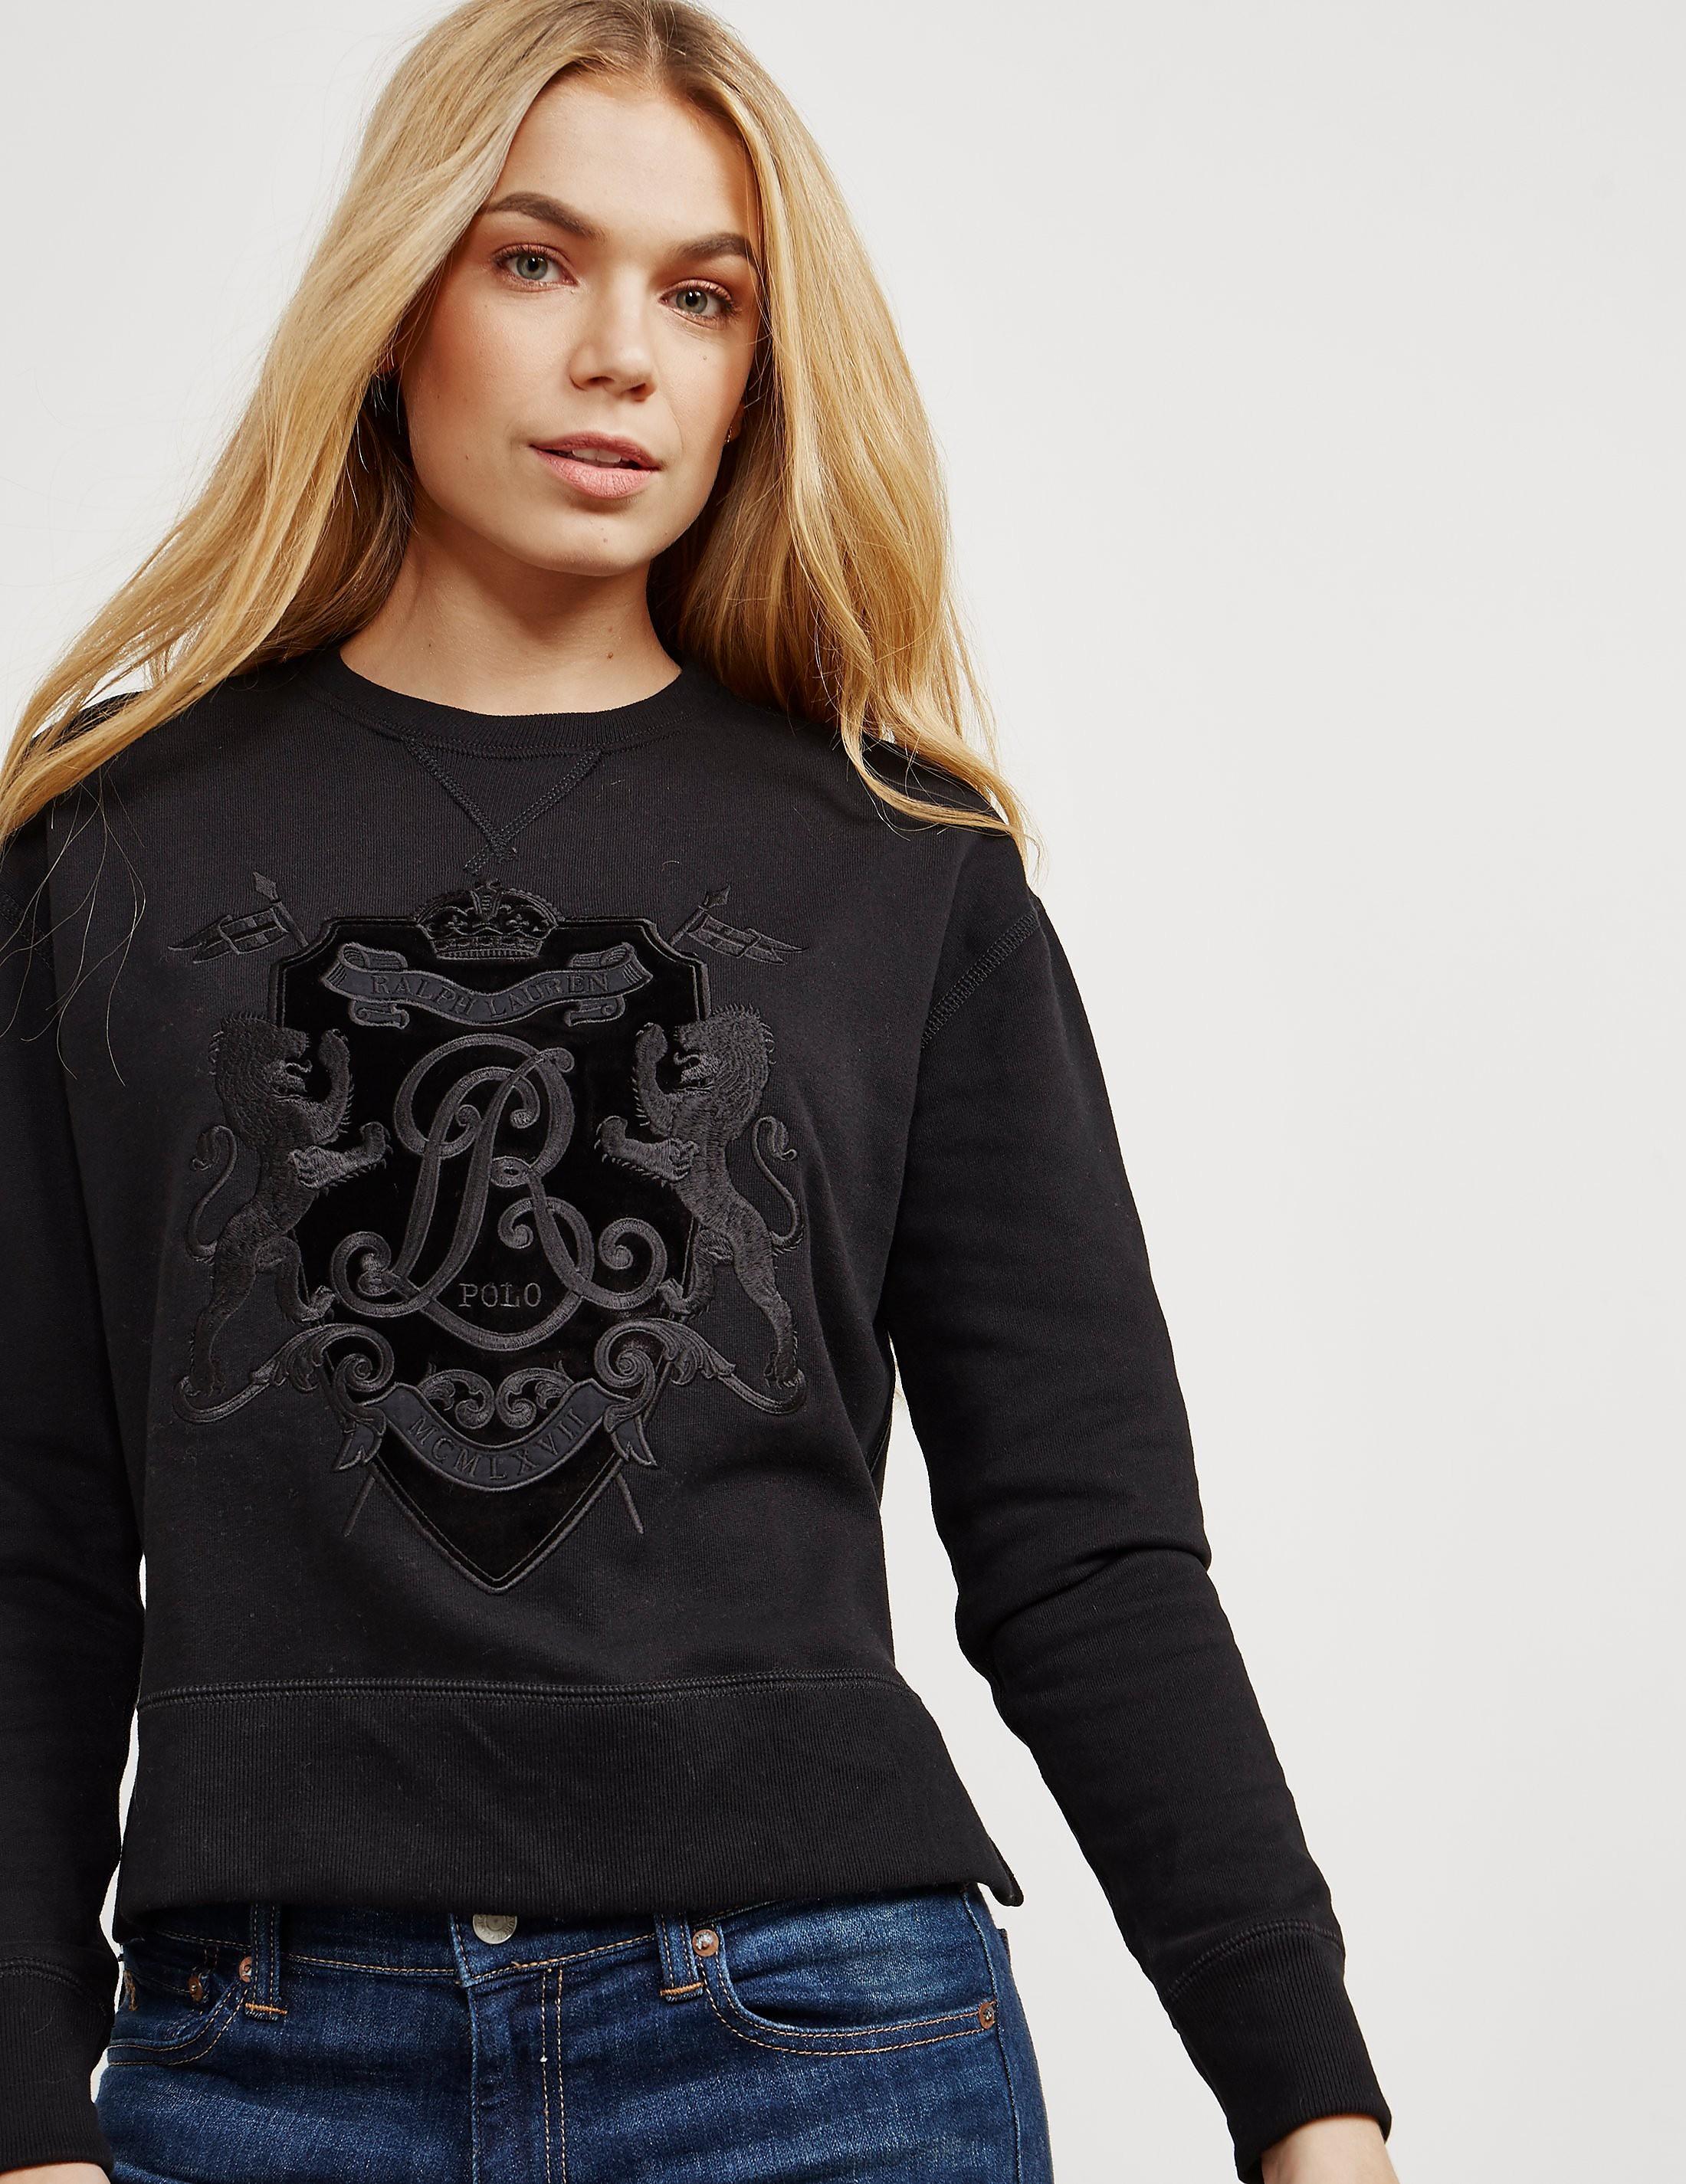 Polo Ralph Lauren Crest Sweatshirt